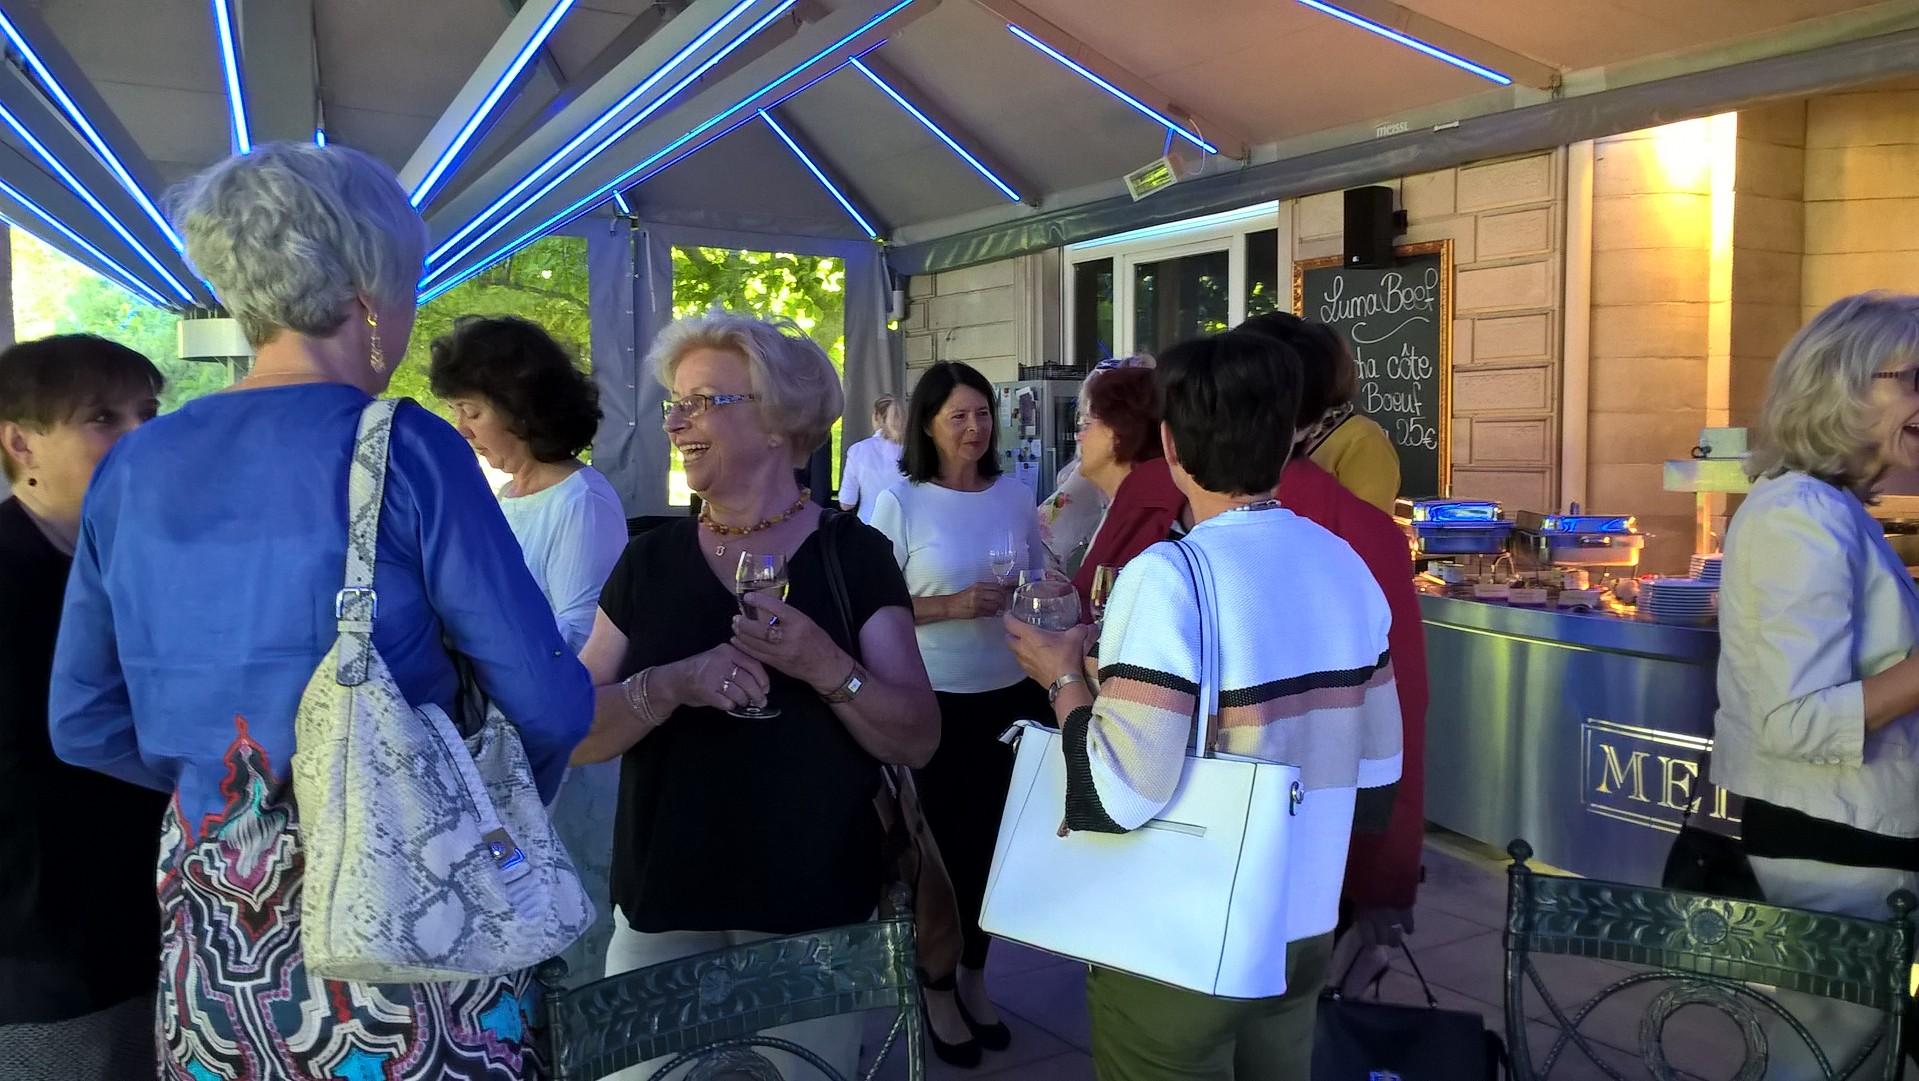 07-17 Ladies Brunch:  zahlreiche Gäste an einem herrlichen Morgen